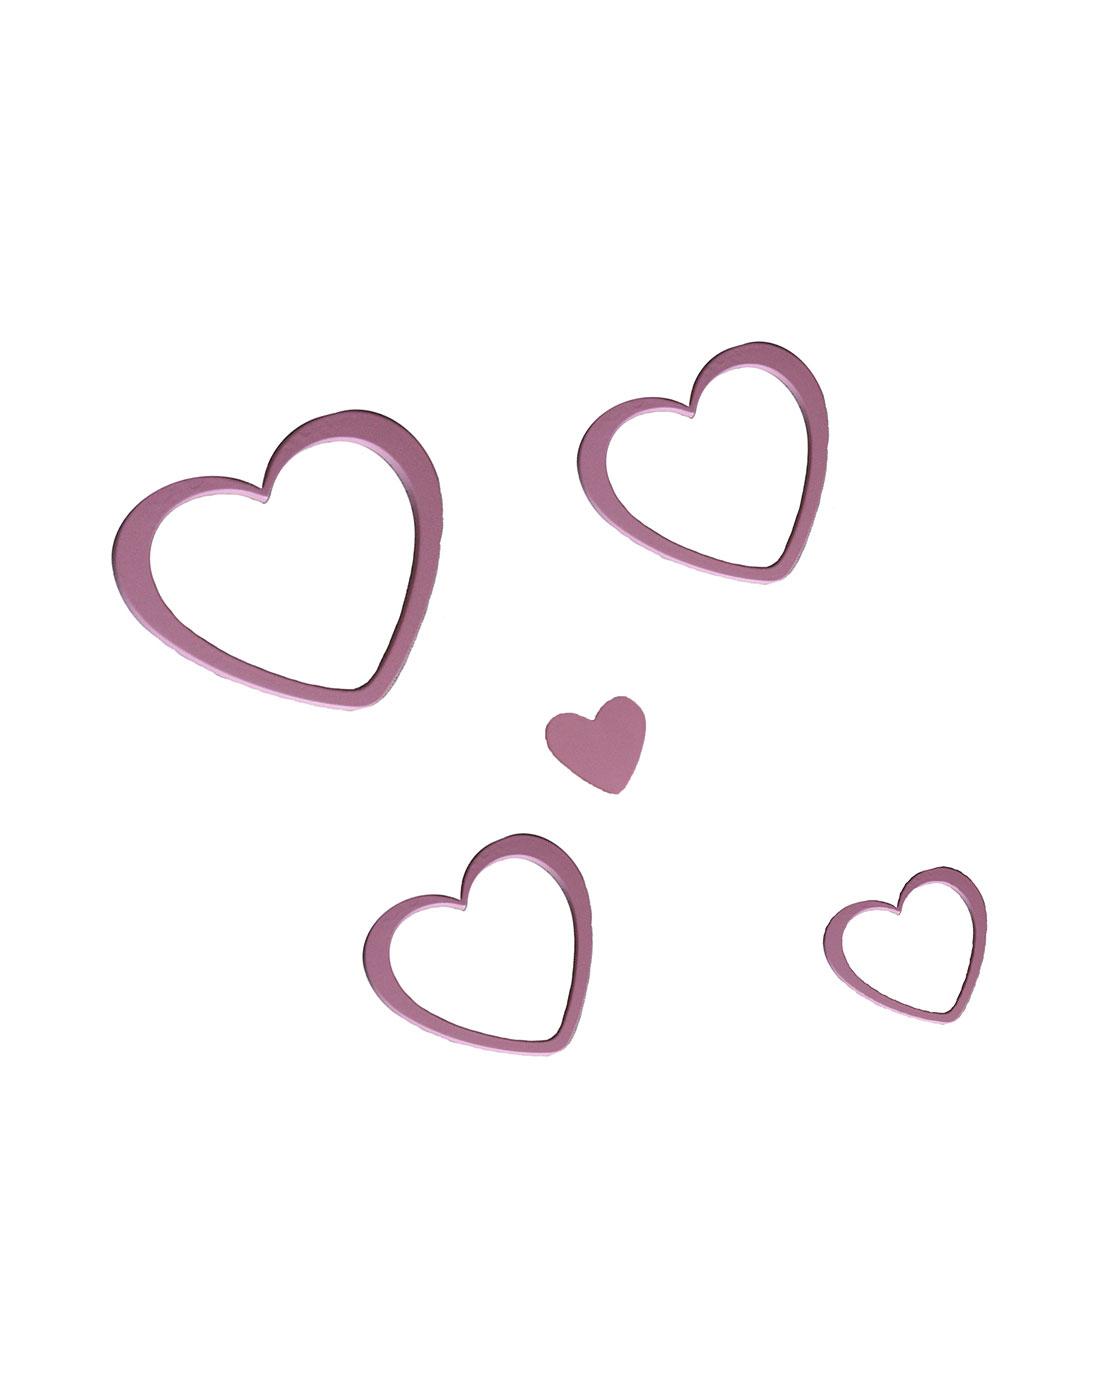 jm时尚家饰用品创意空间环保立体心形墙贴(粉色)jz